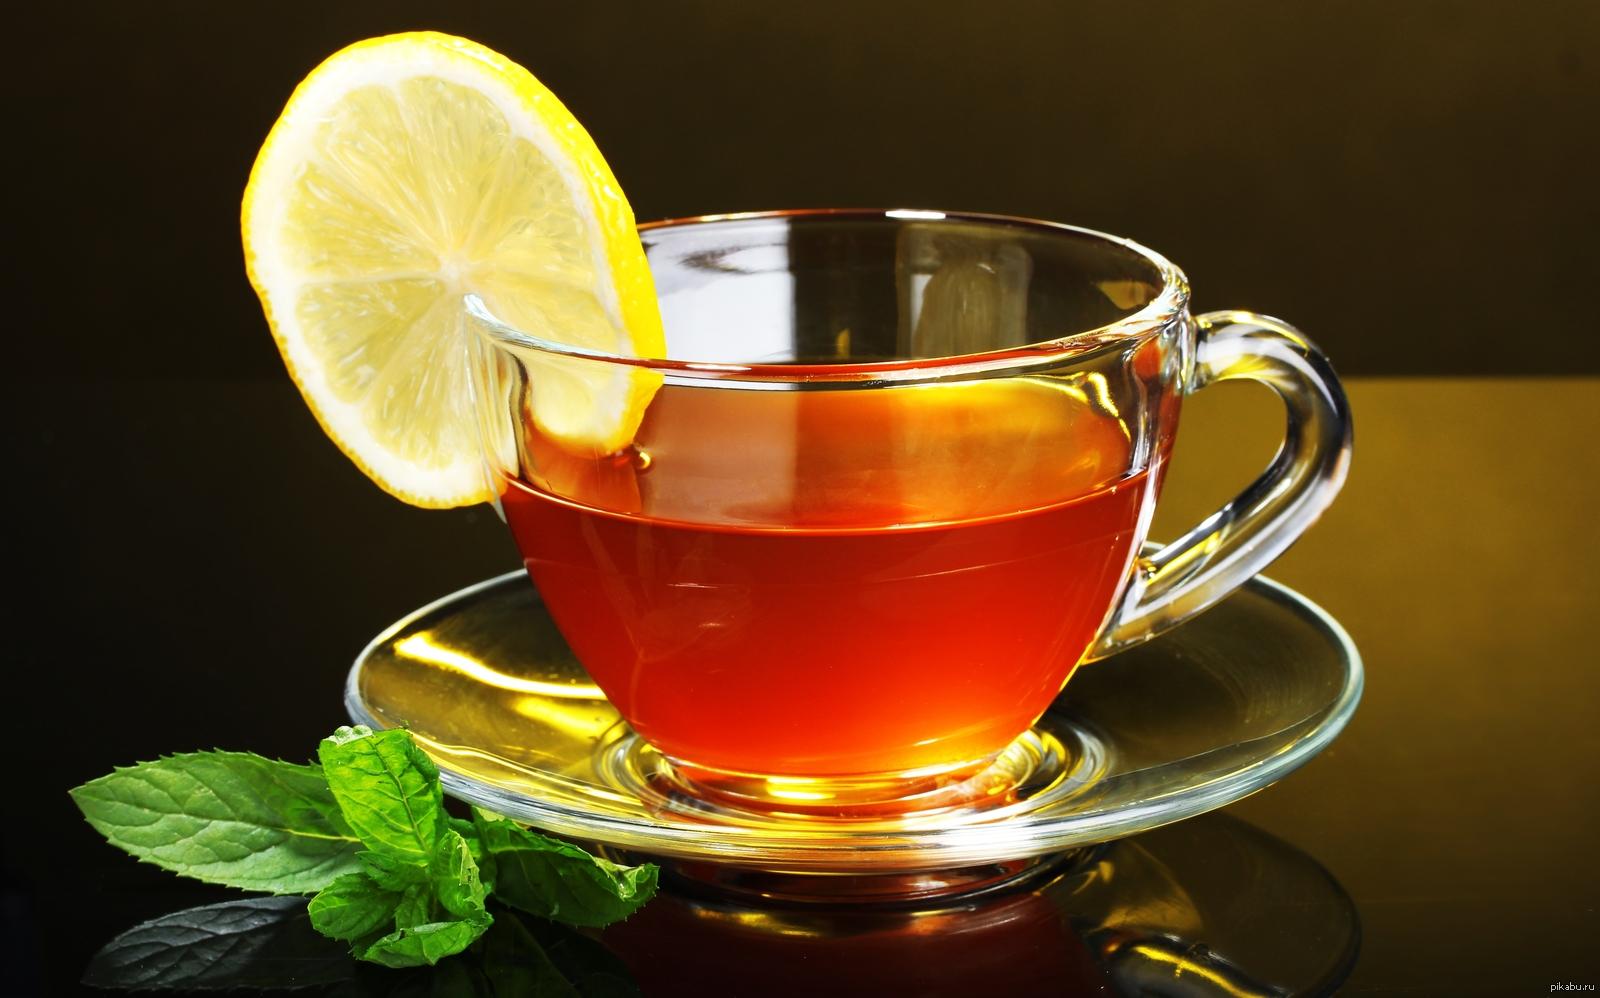 cup of tea - HD1680×1050